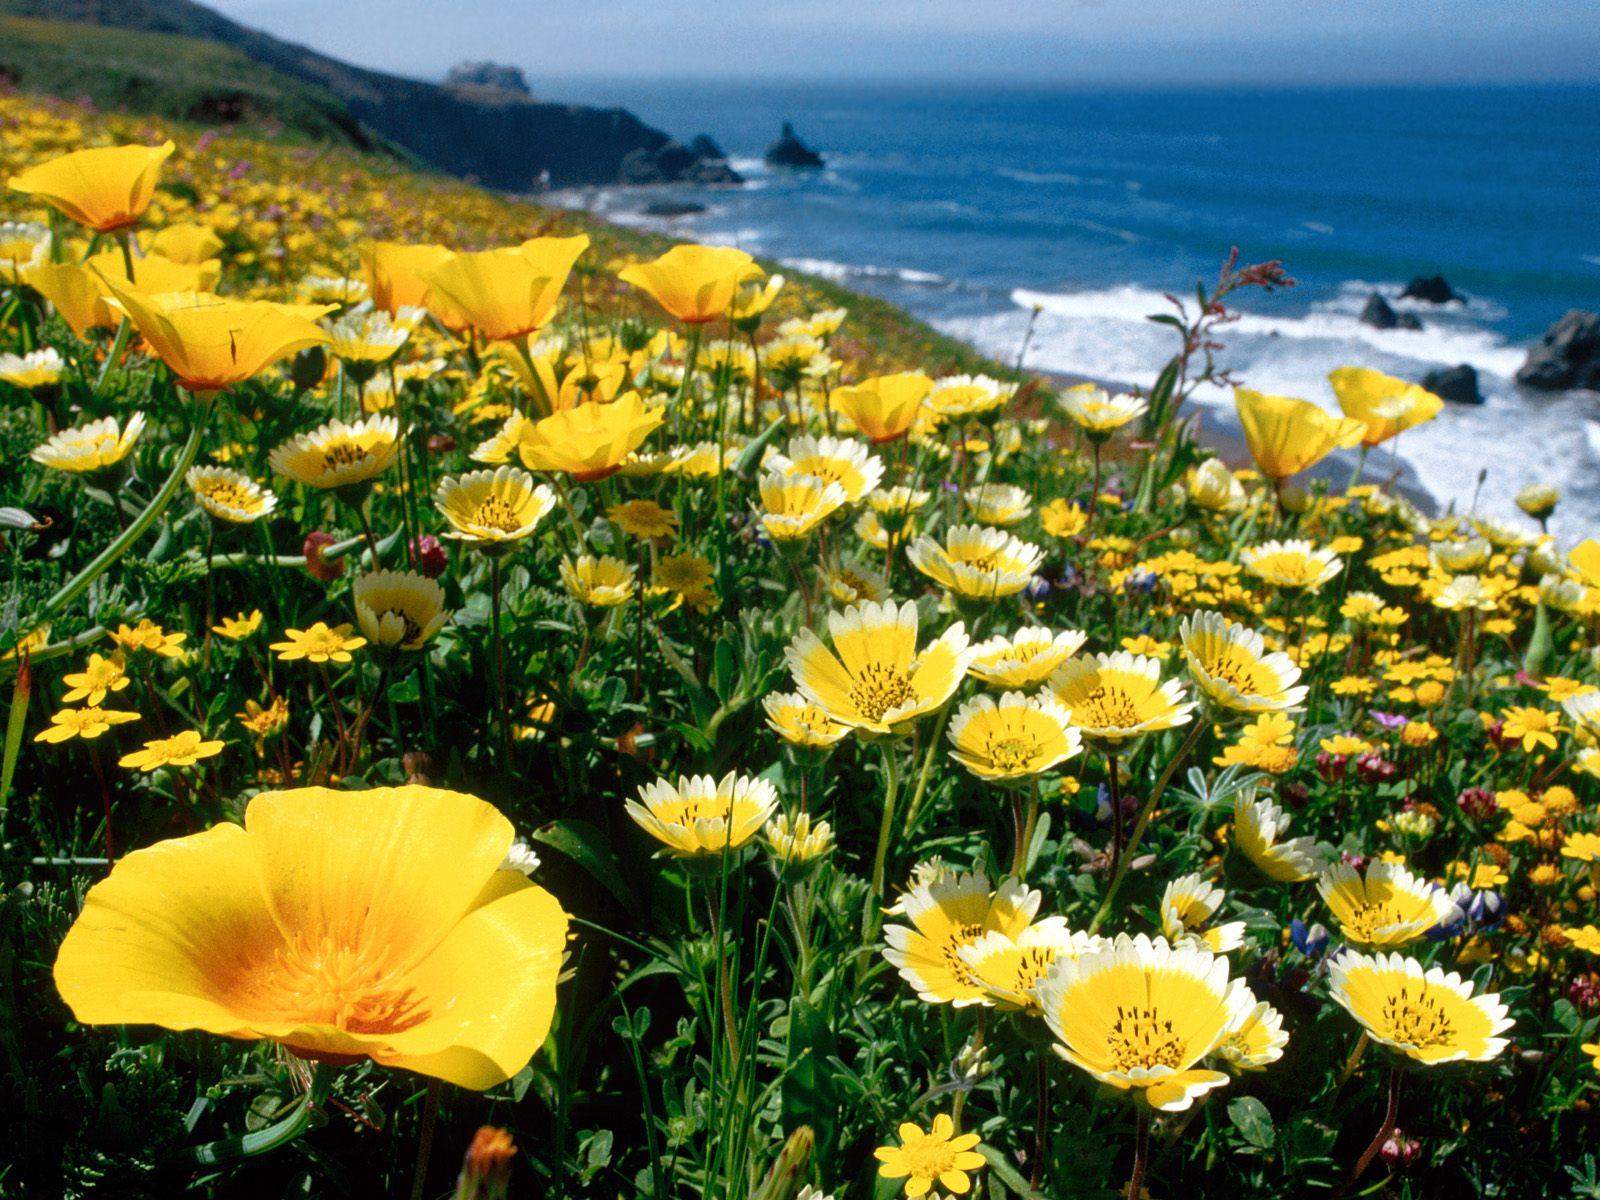 Cedar 39 s flower shop in edwards colorado july 2012 - Yellow poppy flower meaning ...